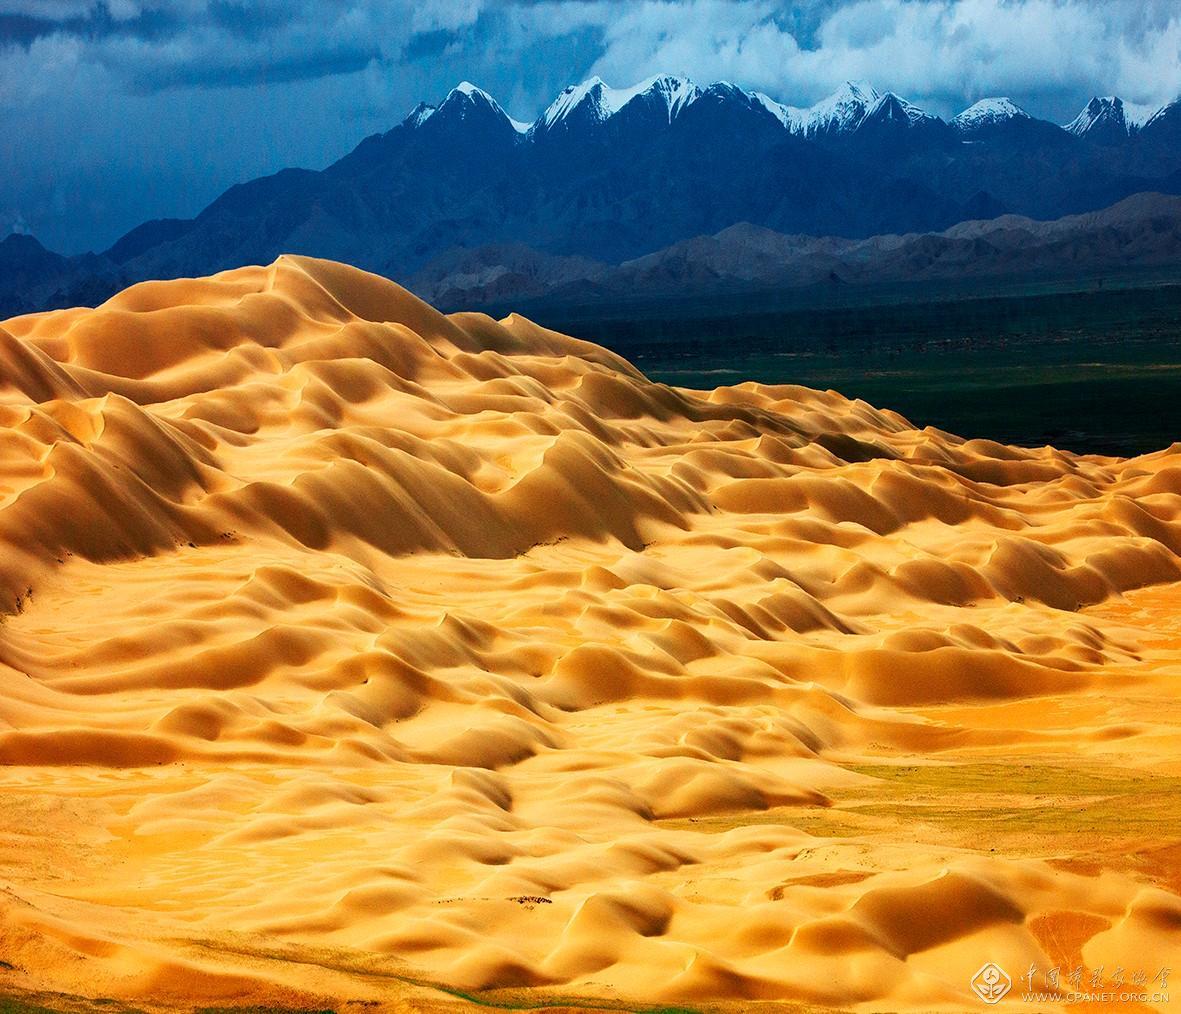 阿尔金山库木库里沙漠 摄影:李学亮_H8R2882-60乘以51.5.jpg